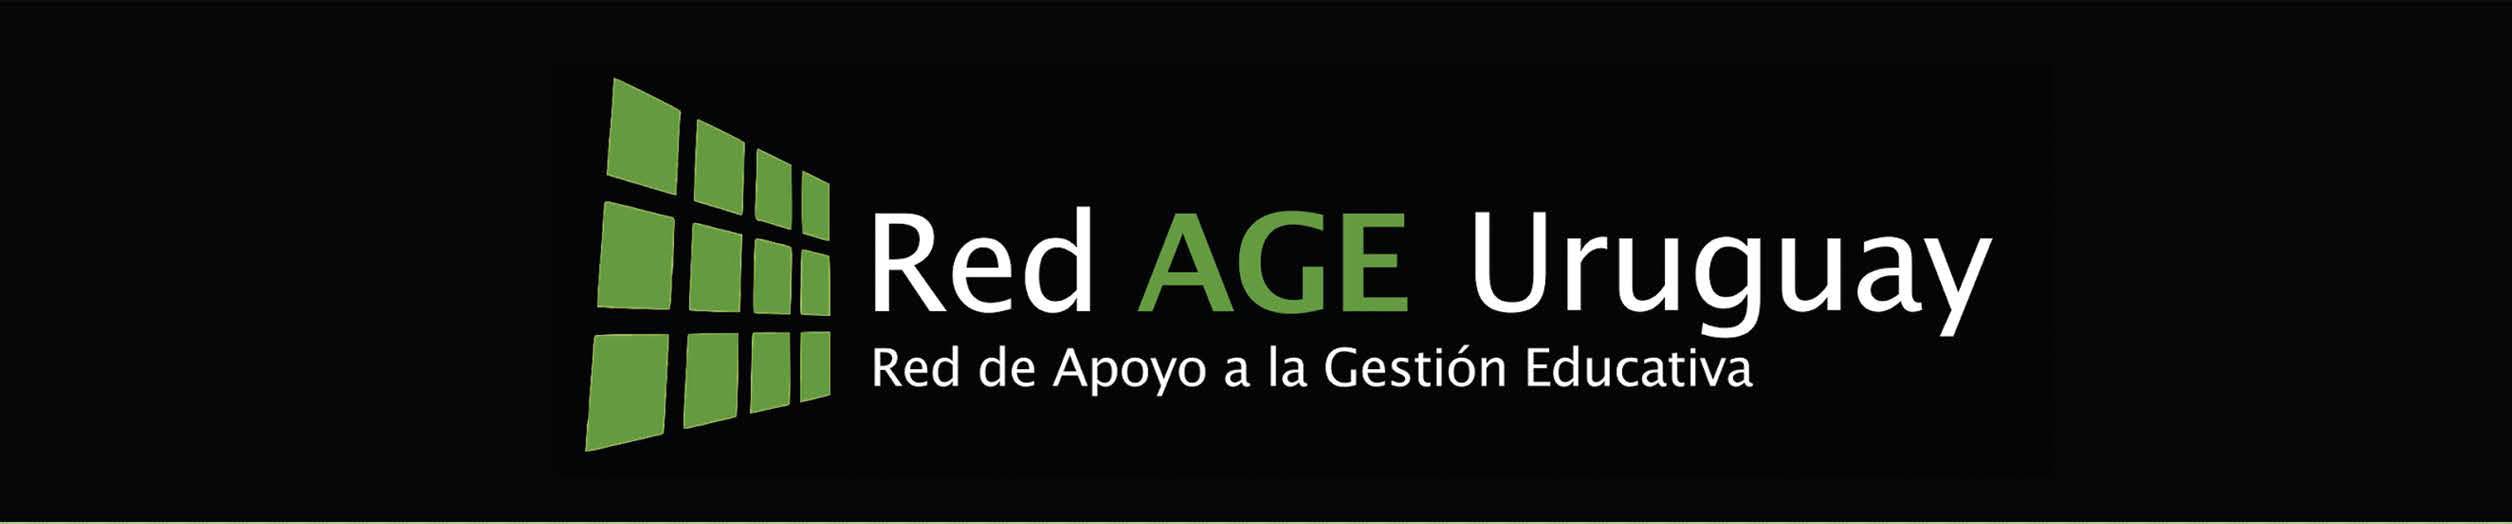 Revista GestiónArte. Red de Apoyo a la Gestión Educativa